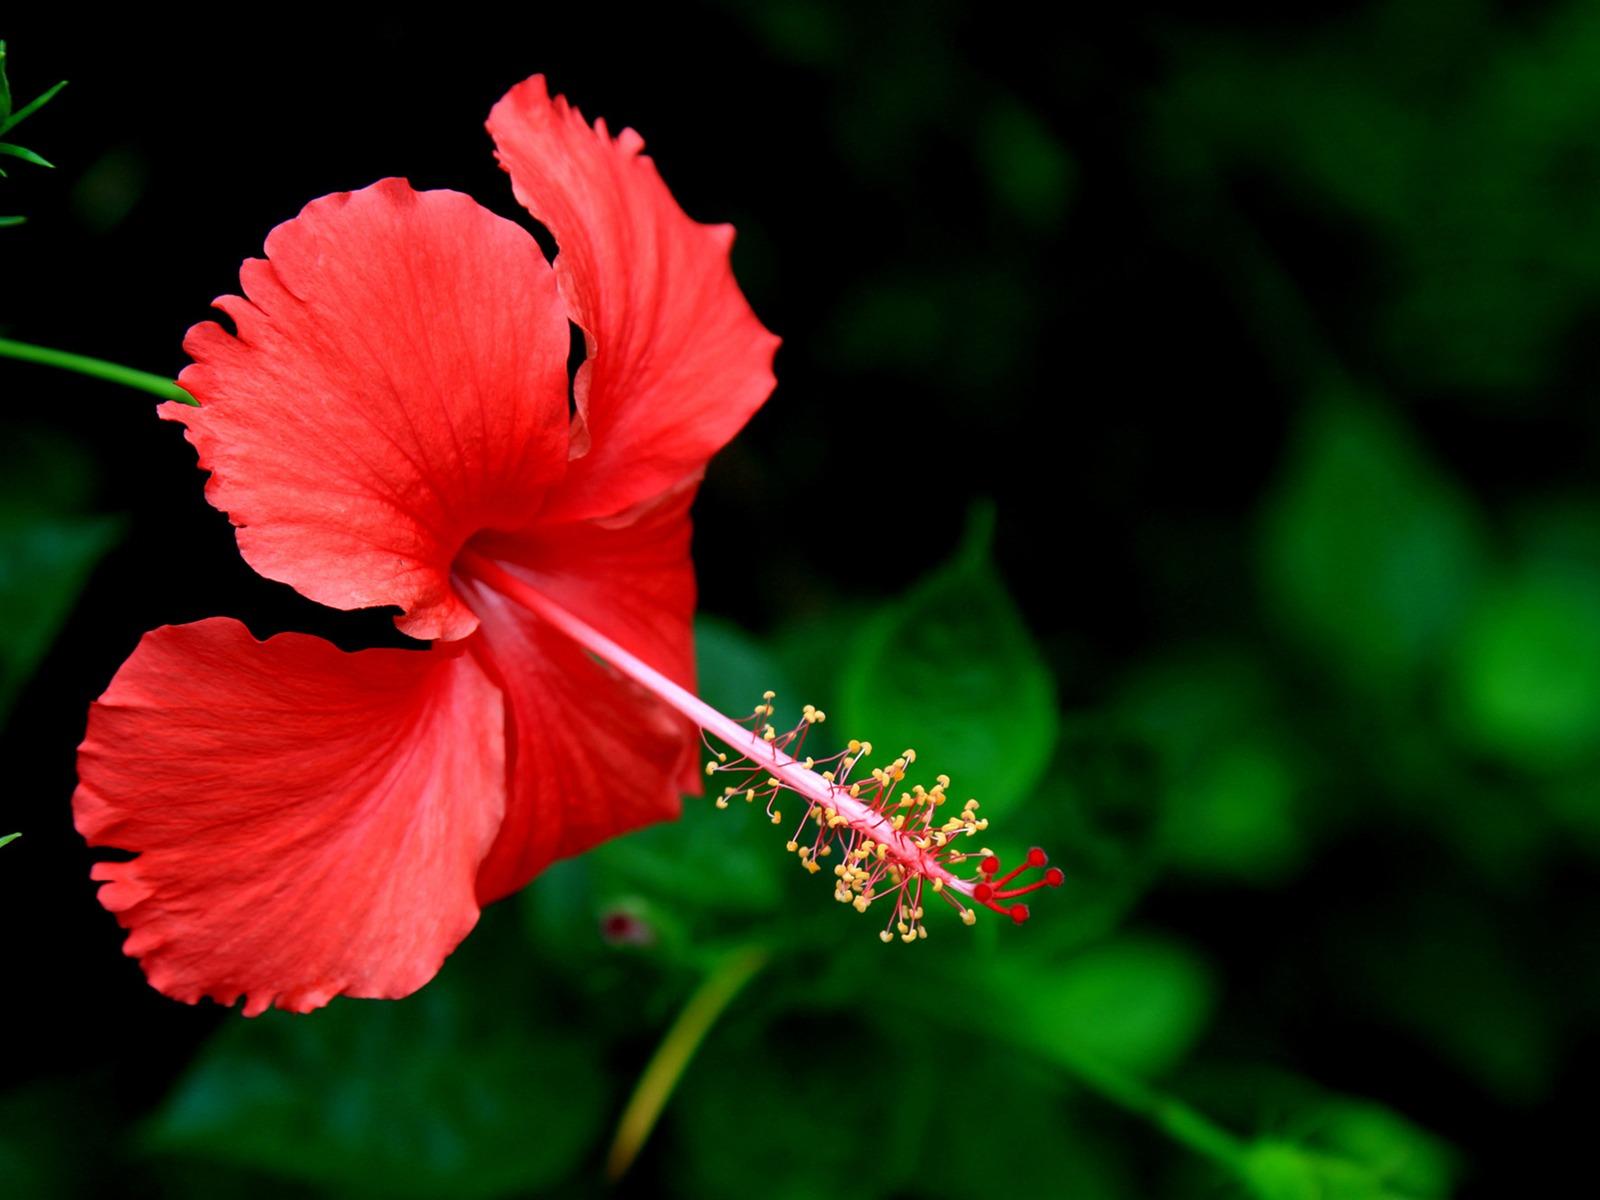 Papeis De Parede Lindos Da Hibiscus Flower Photo Hd Visualizacao 10wallpaper Com